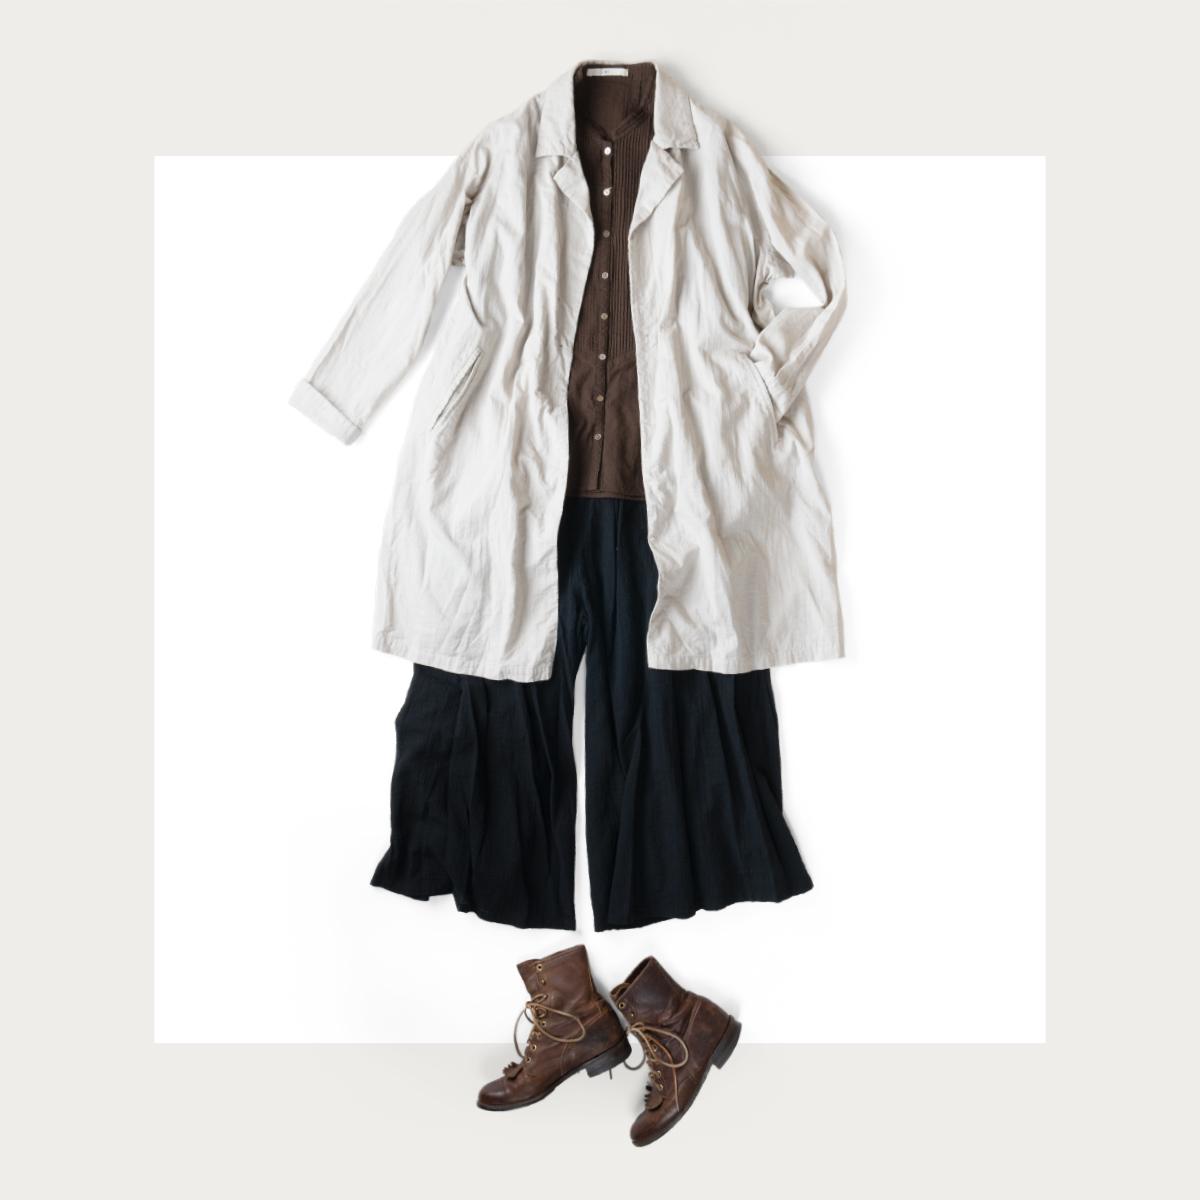 https://www.ao-daikanyama.com/information/upimg/202008_lookbook_ig_03.jpg